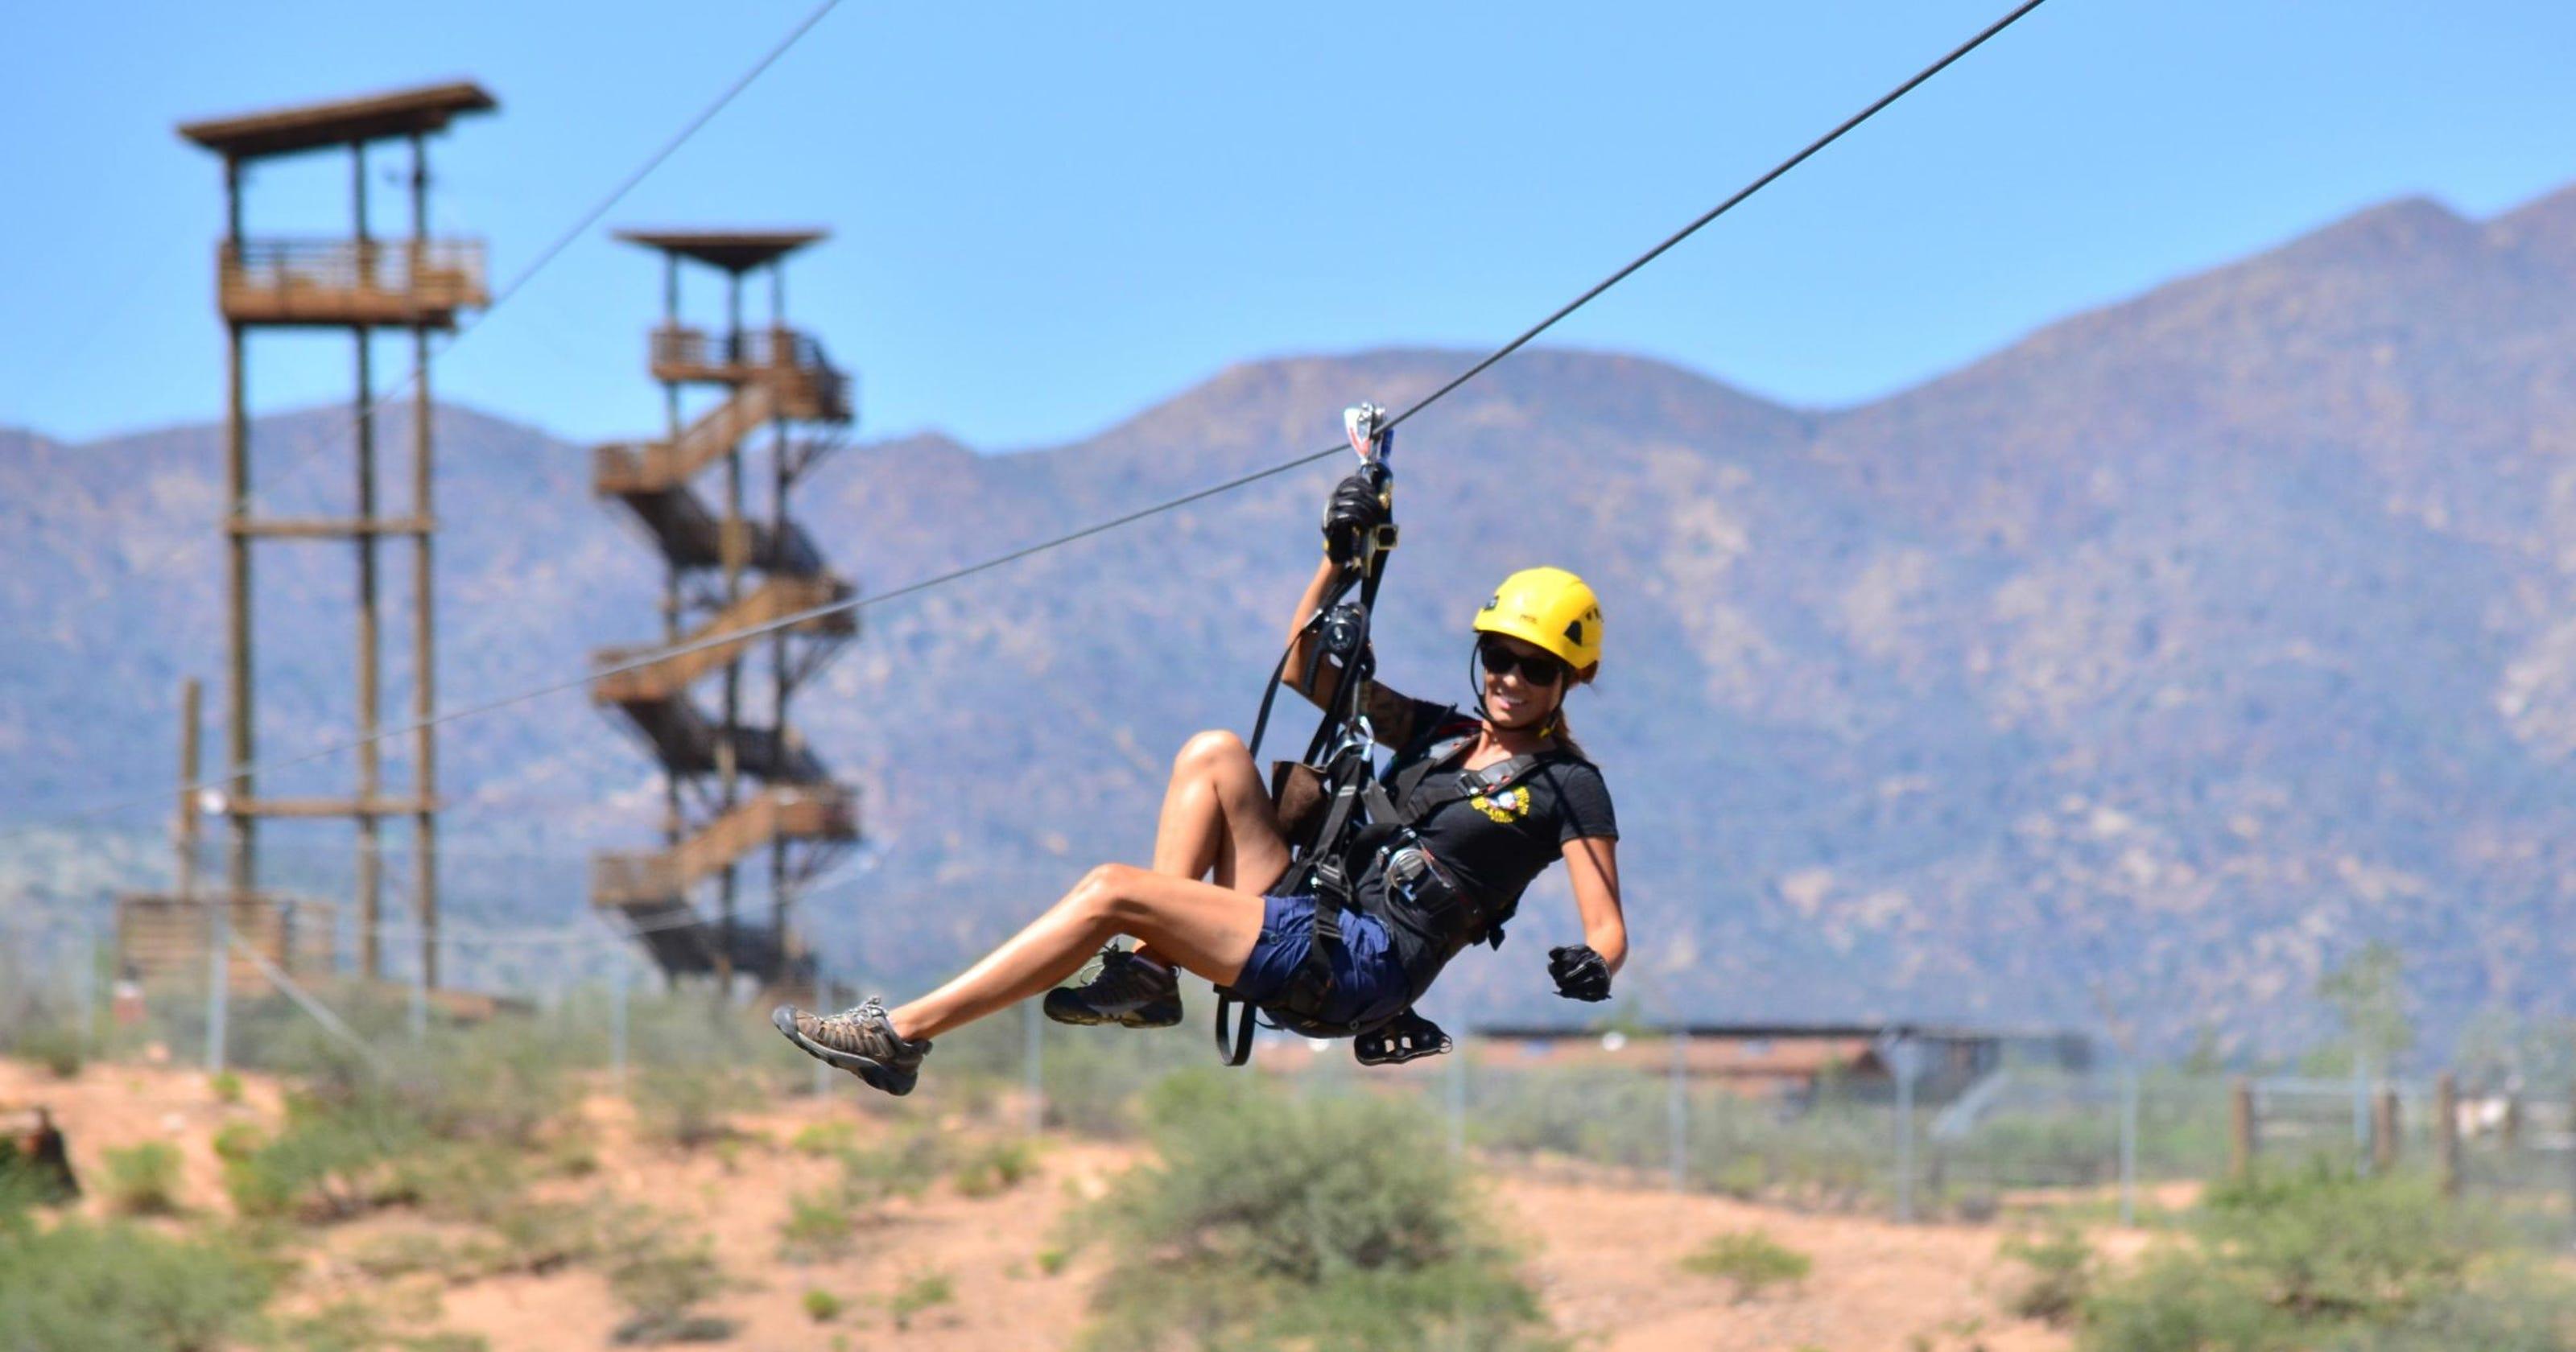 zip line fun at 8 arizona spots